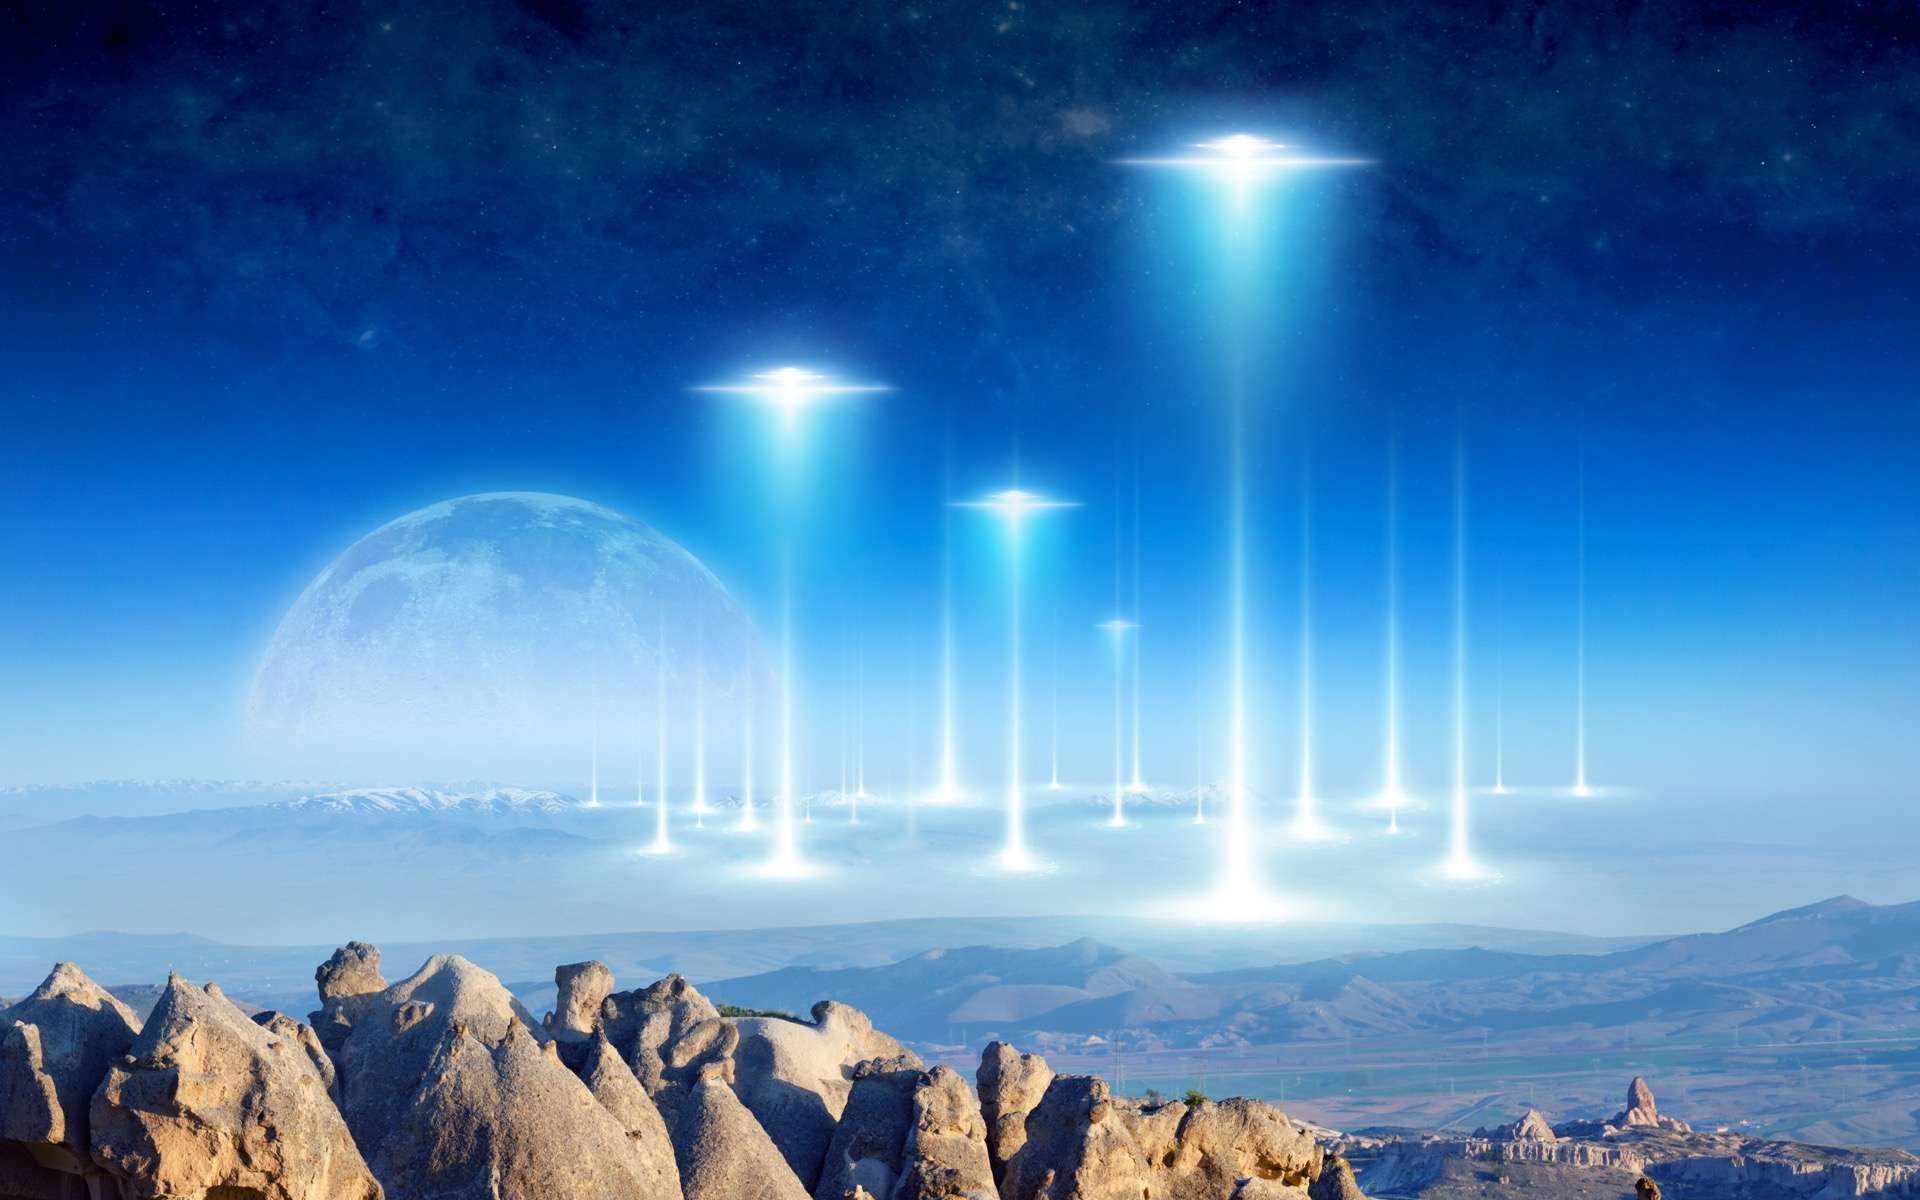 Les Trisolatiens quittent leur monde dans leur immense flotte spatiale et se dirigent vers la Terre. © IgorZh, Adobe Stock